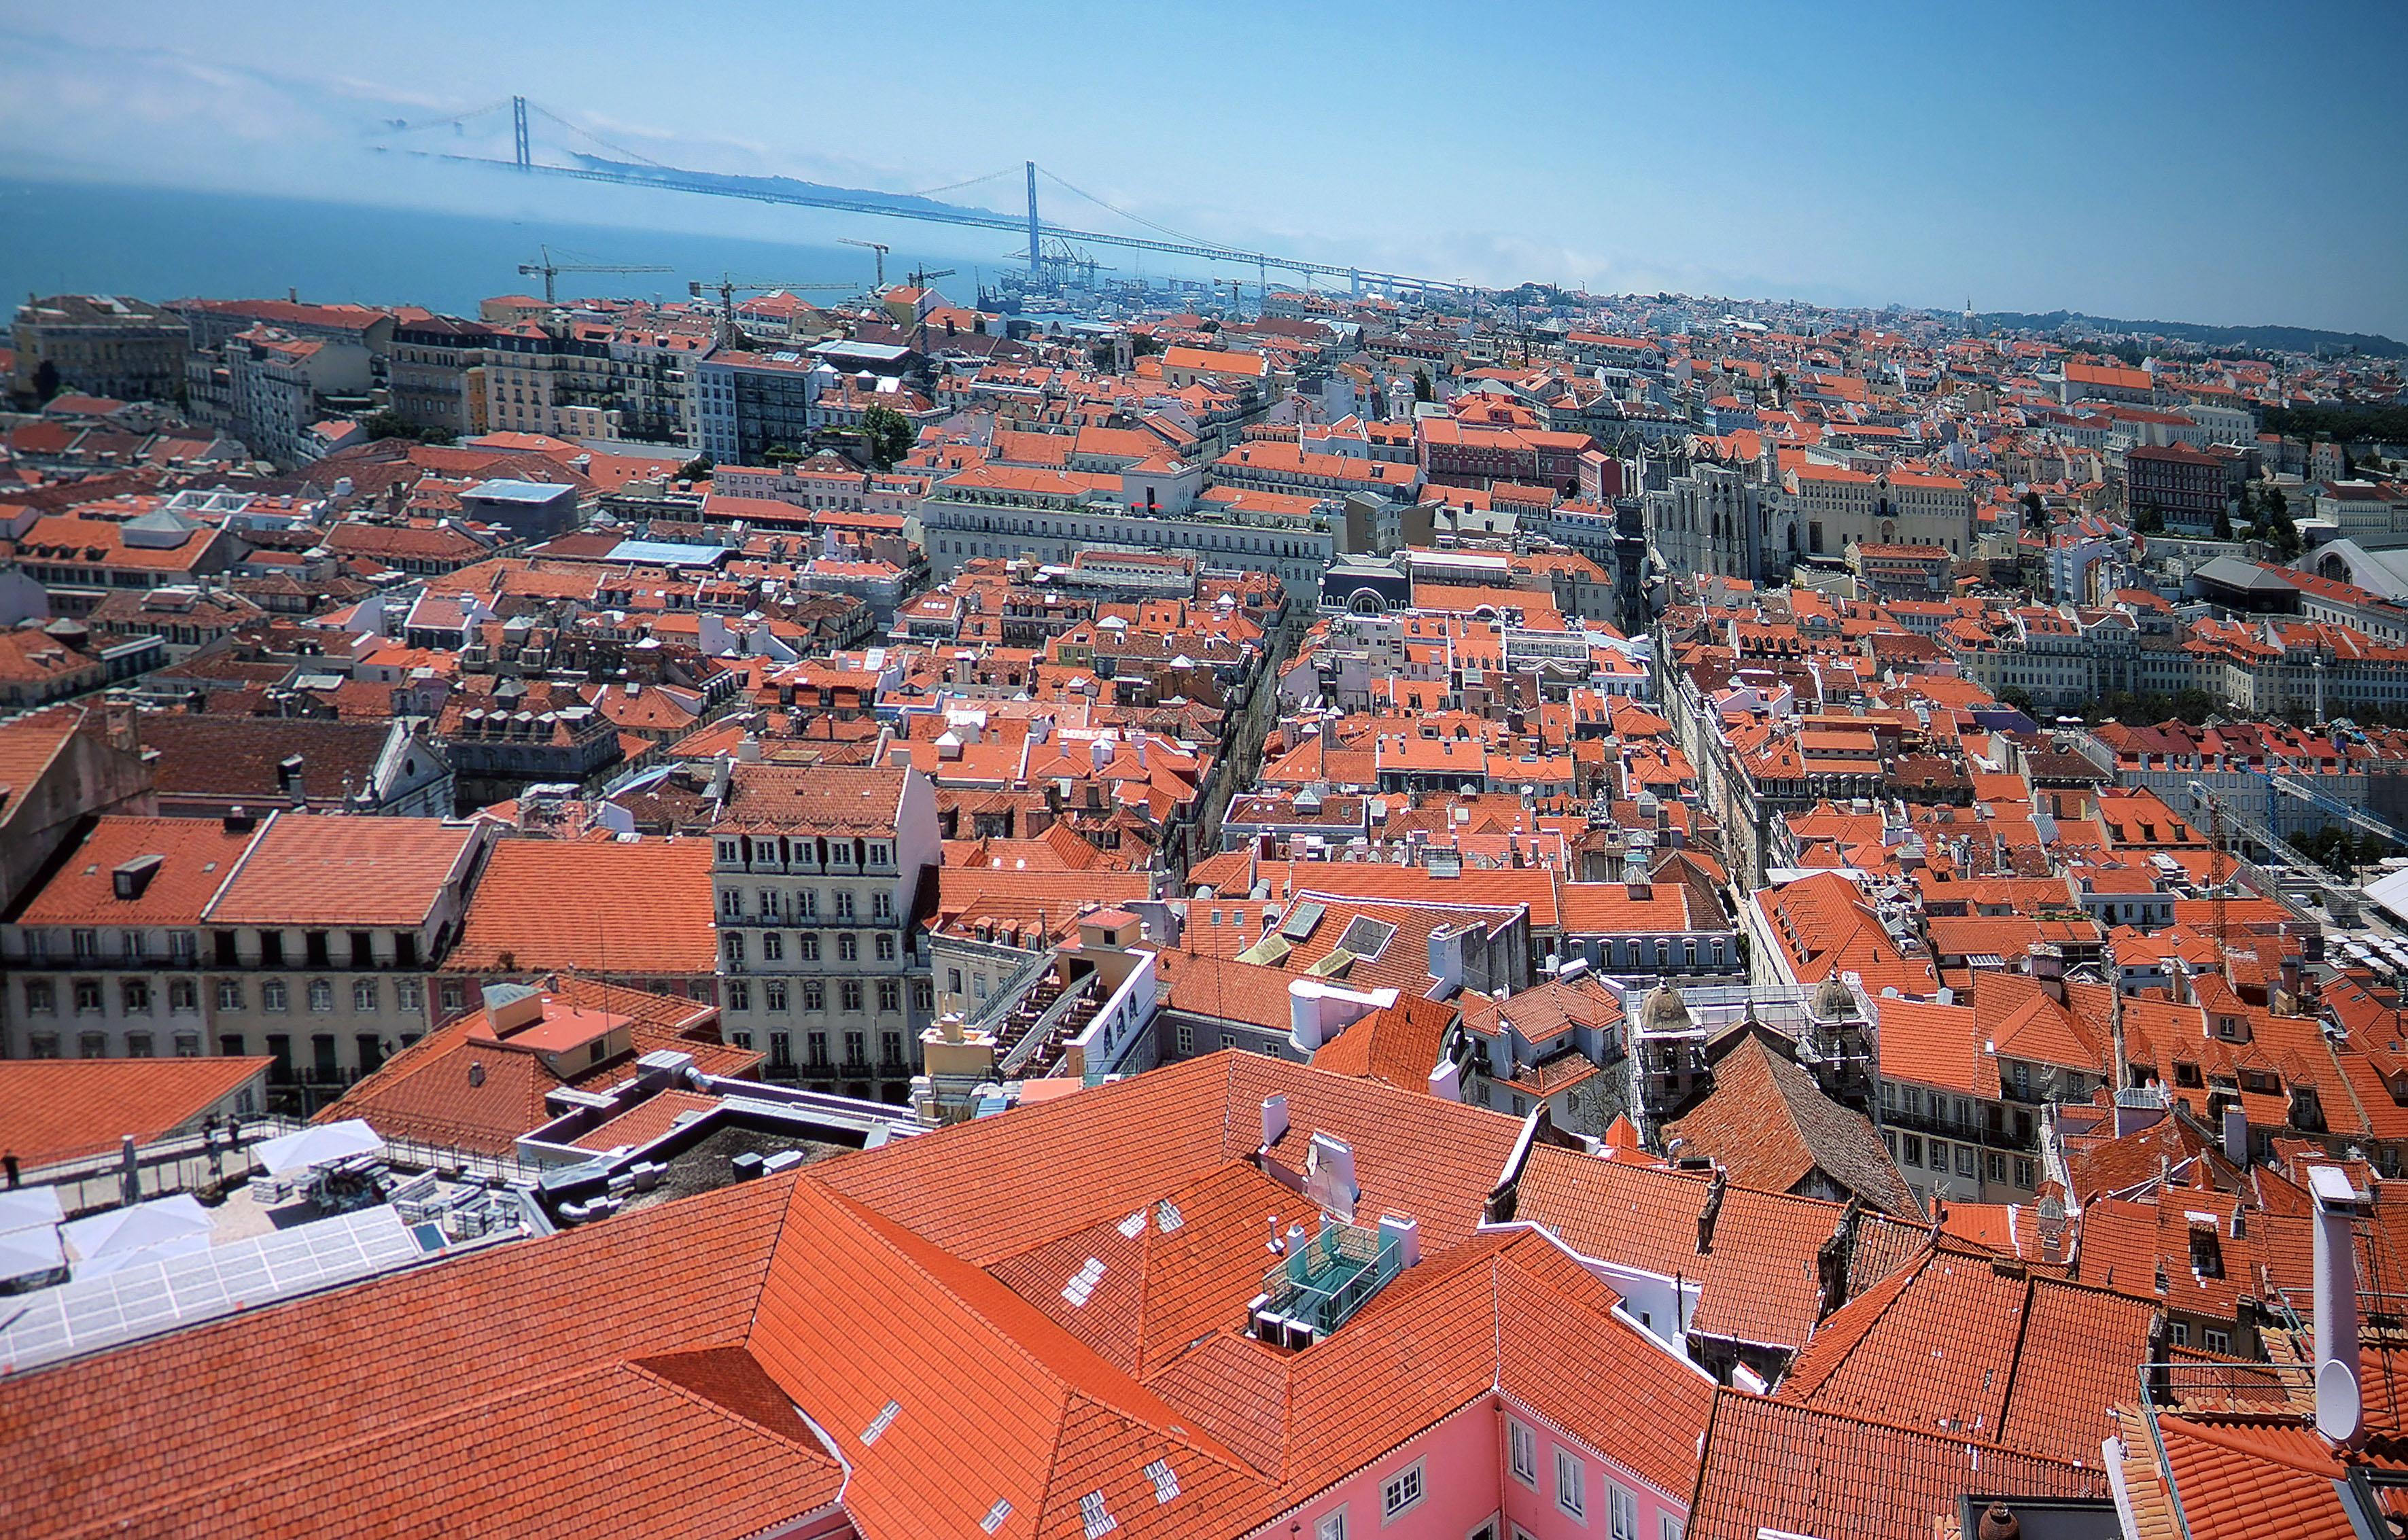 Foto: Michael B. Rehders Bei meiner Erkundung von Lissabon erstreckte sich dieses Schauspiel vor mir. Dichte Wolken hüllen Teile der riesigen Hängebrücke ein. Trotz blauem Himmels. Spektakulär. Darüber hinaus sind einzelne Fenster und selbst Dachziegel klar und deutlich zu sehen. Diese Panoramaaufnahme ist wie geschaffen für den Optoma UHD300X, weil er Farben und Feindetails perfekt projiziert.